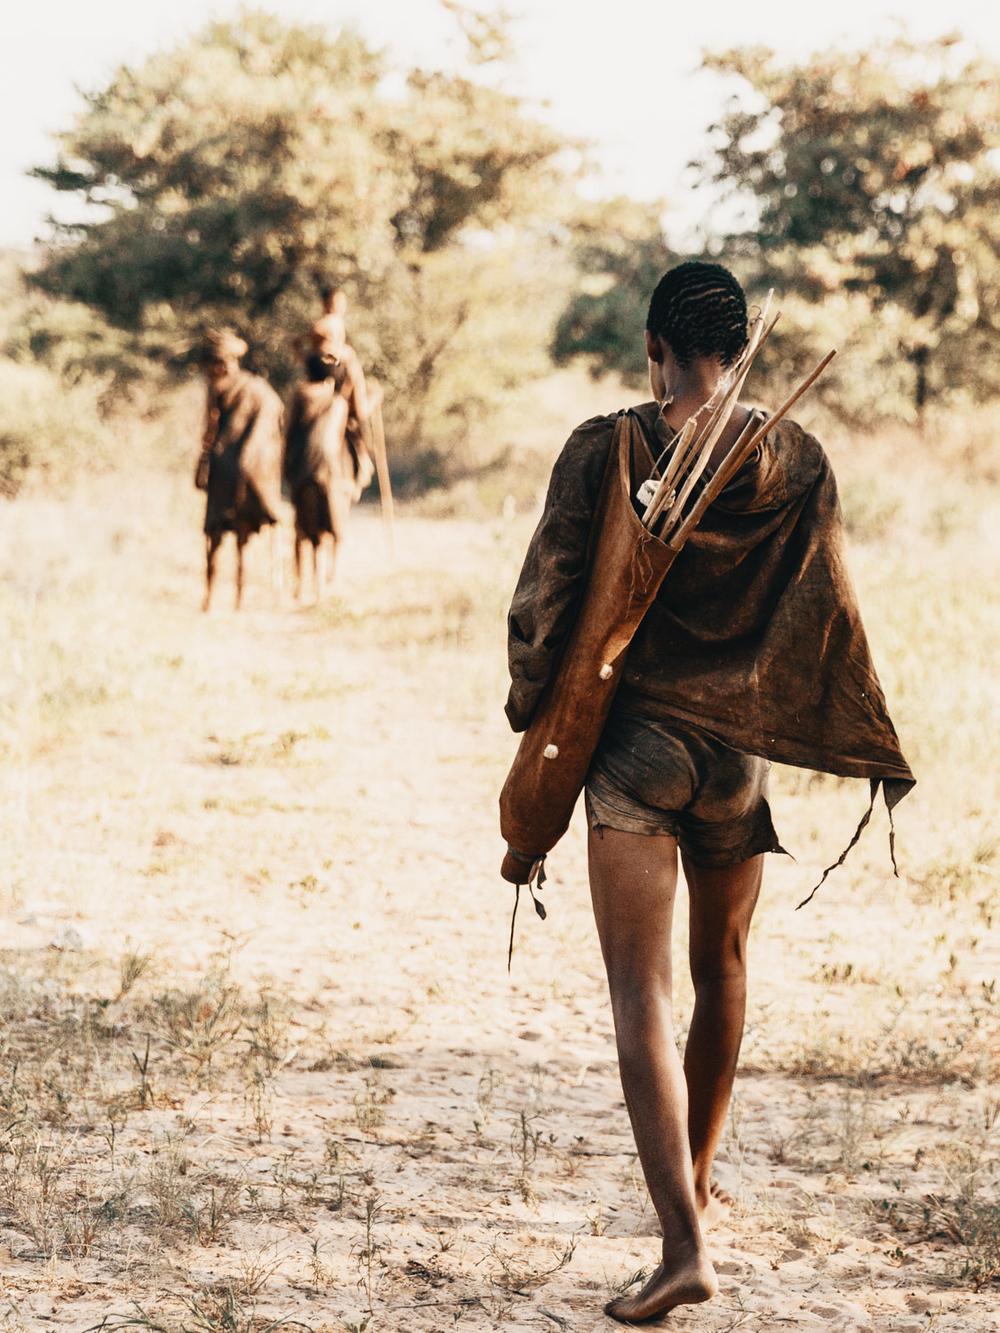 CallieGiovanna_Africa_Botswana_Kalahari_20150101_02922.jpg